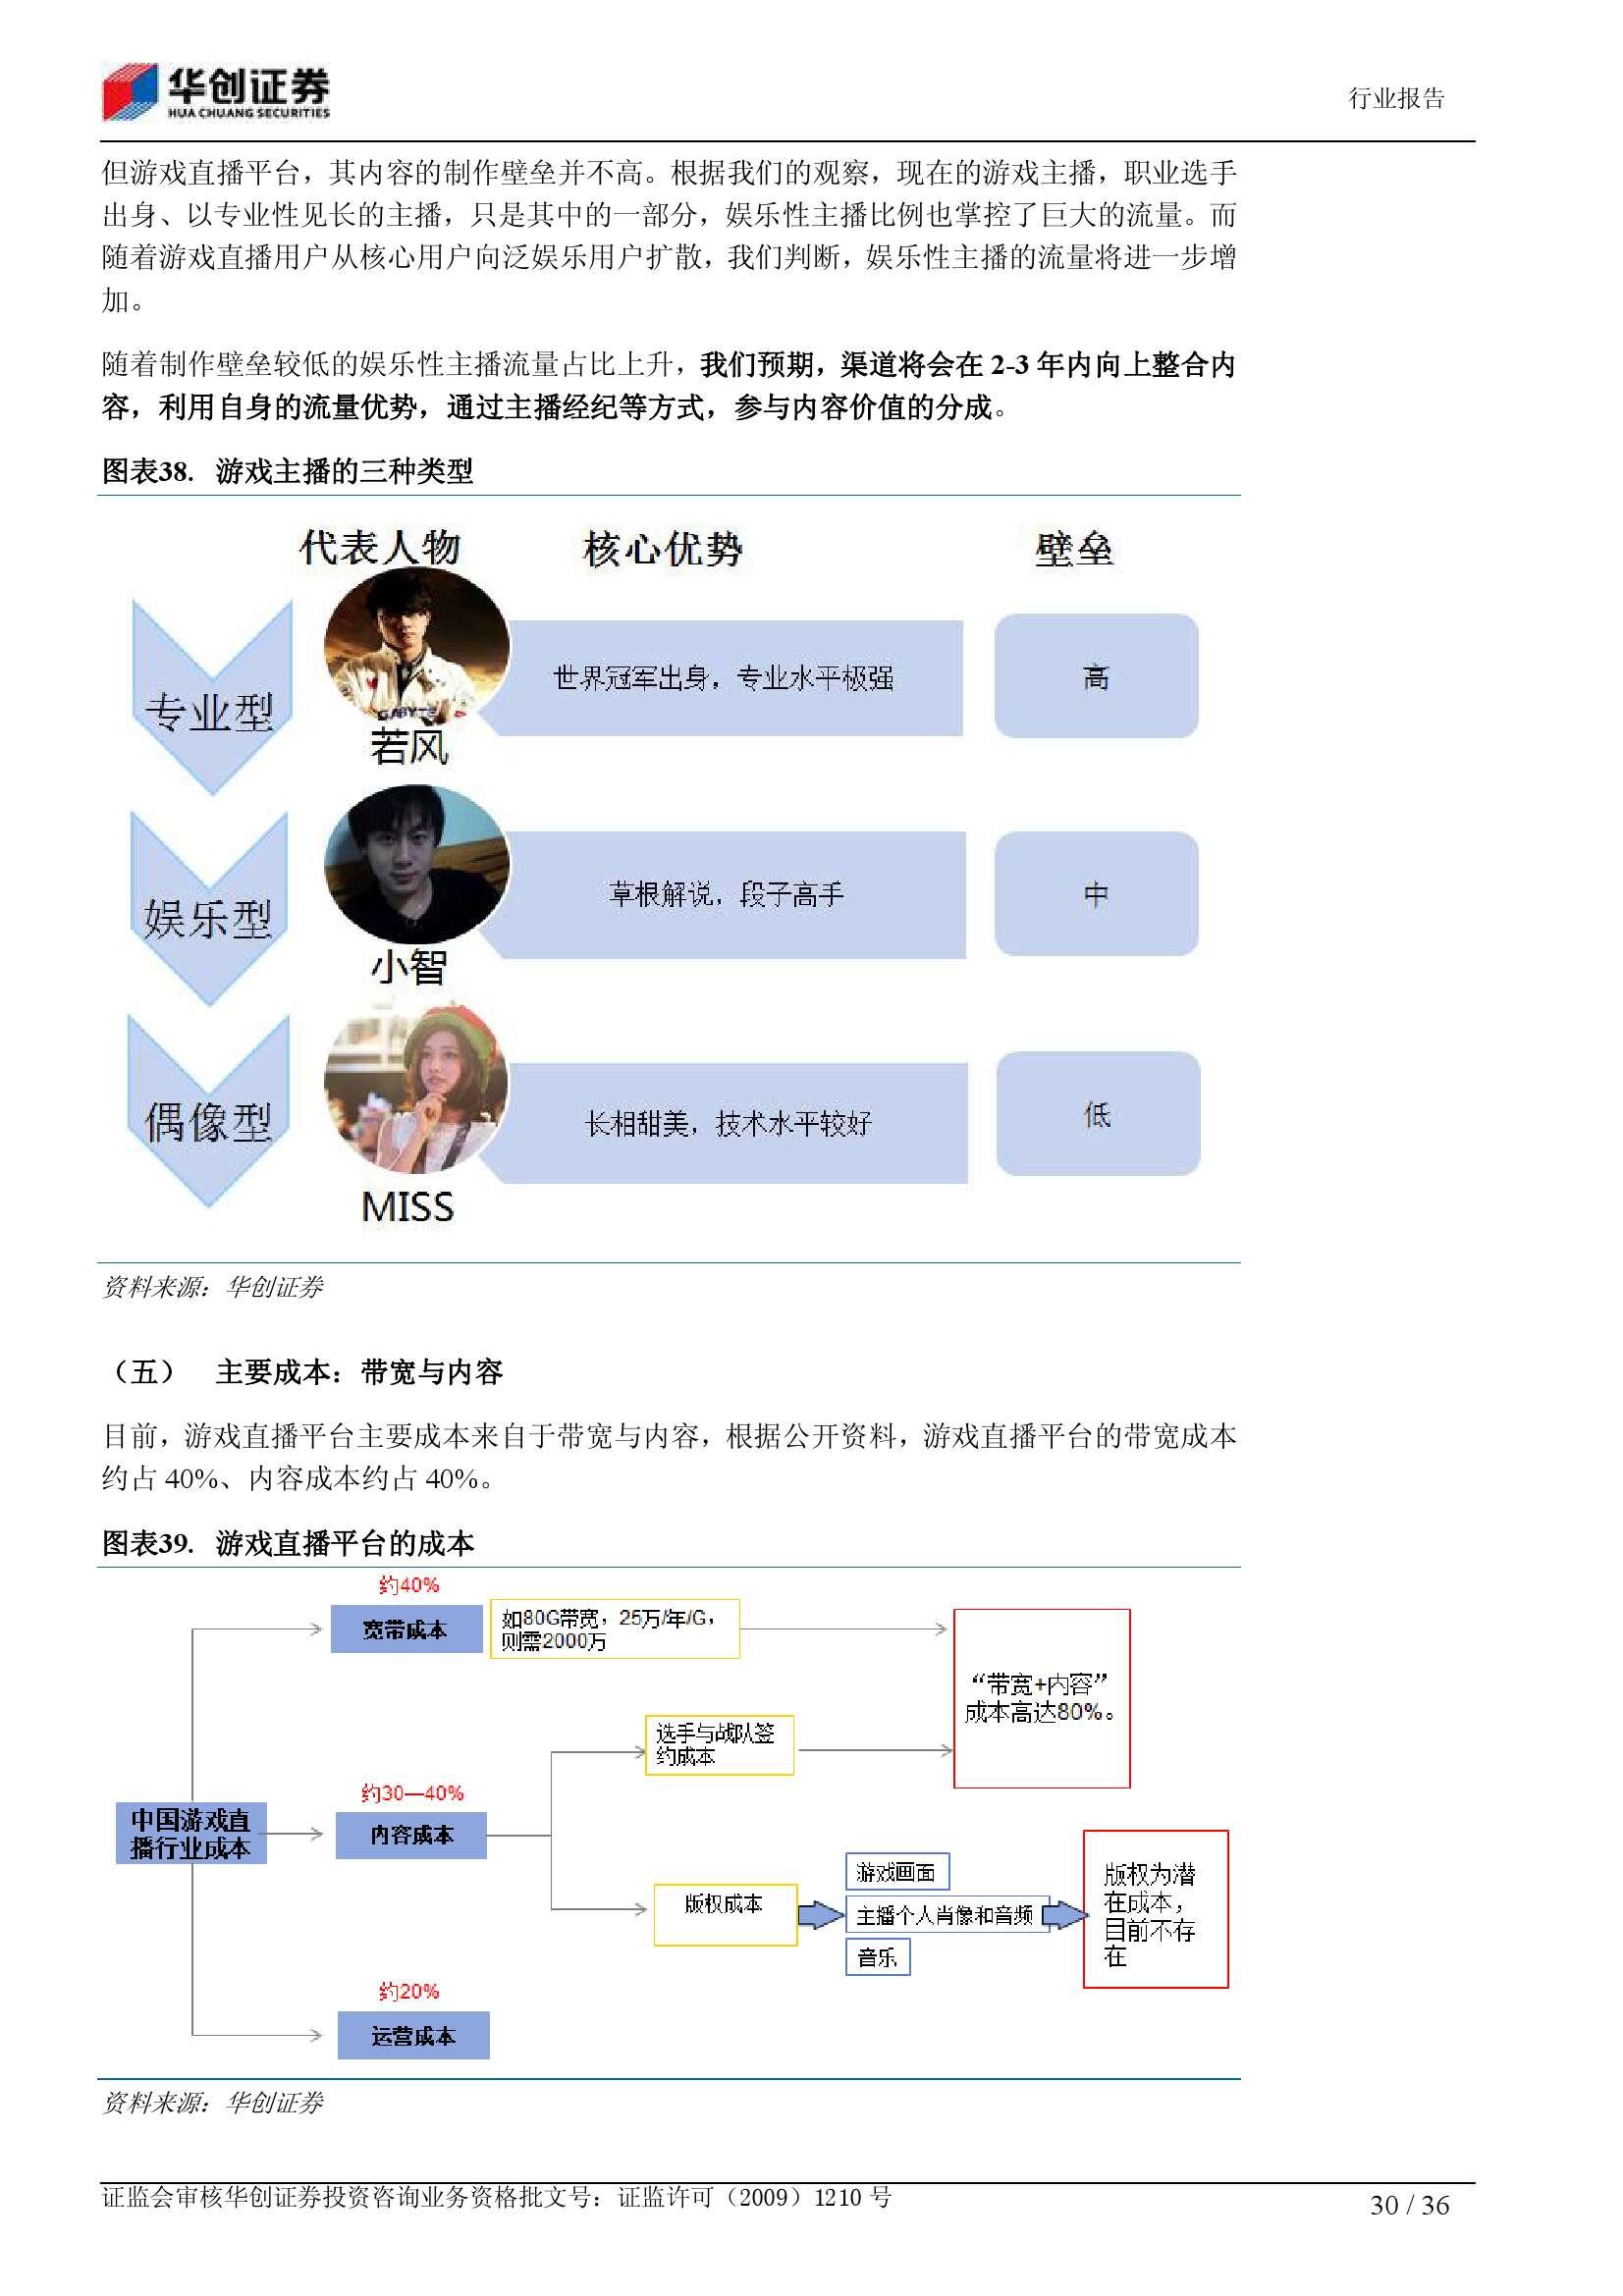 电子竞技深度报告:从小众娱乐 到千亿产业_000030